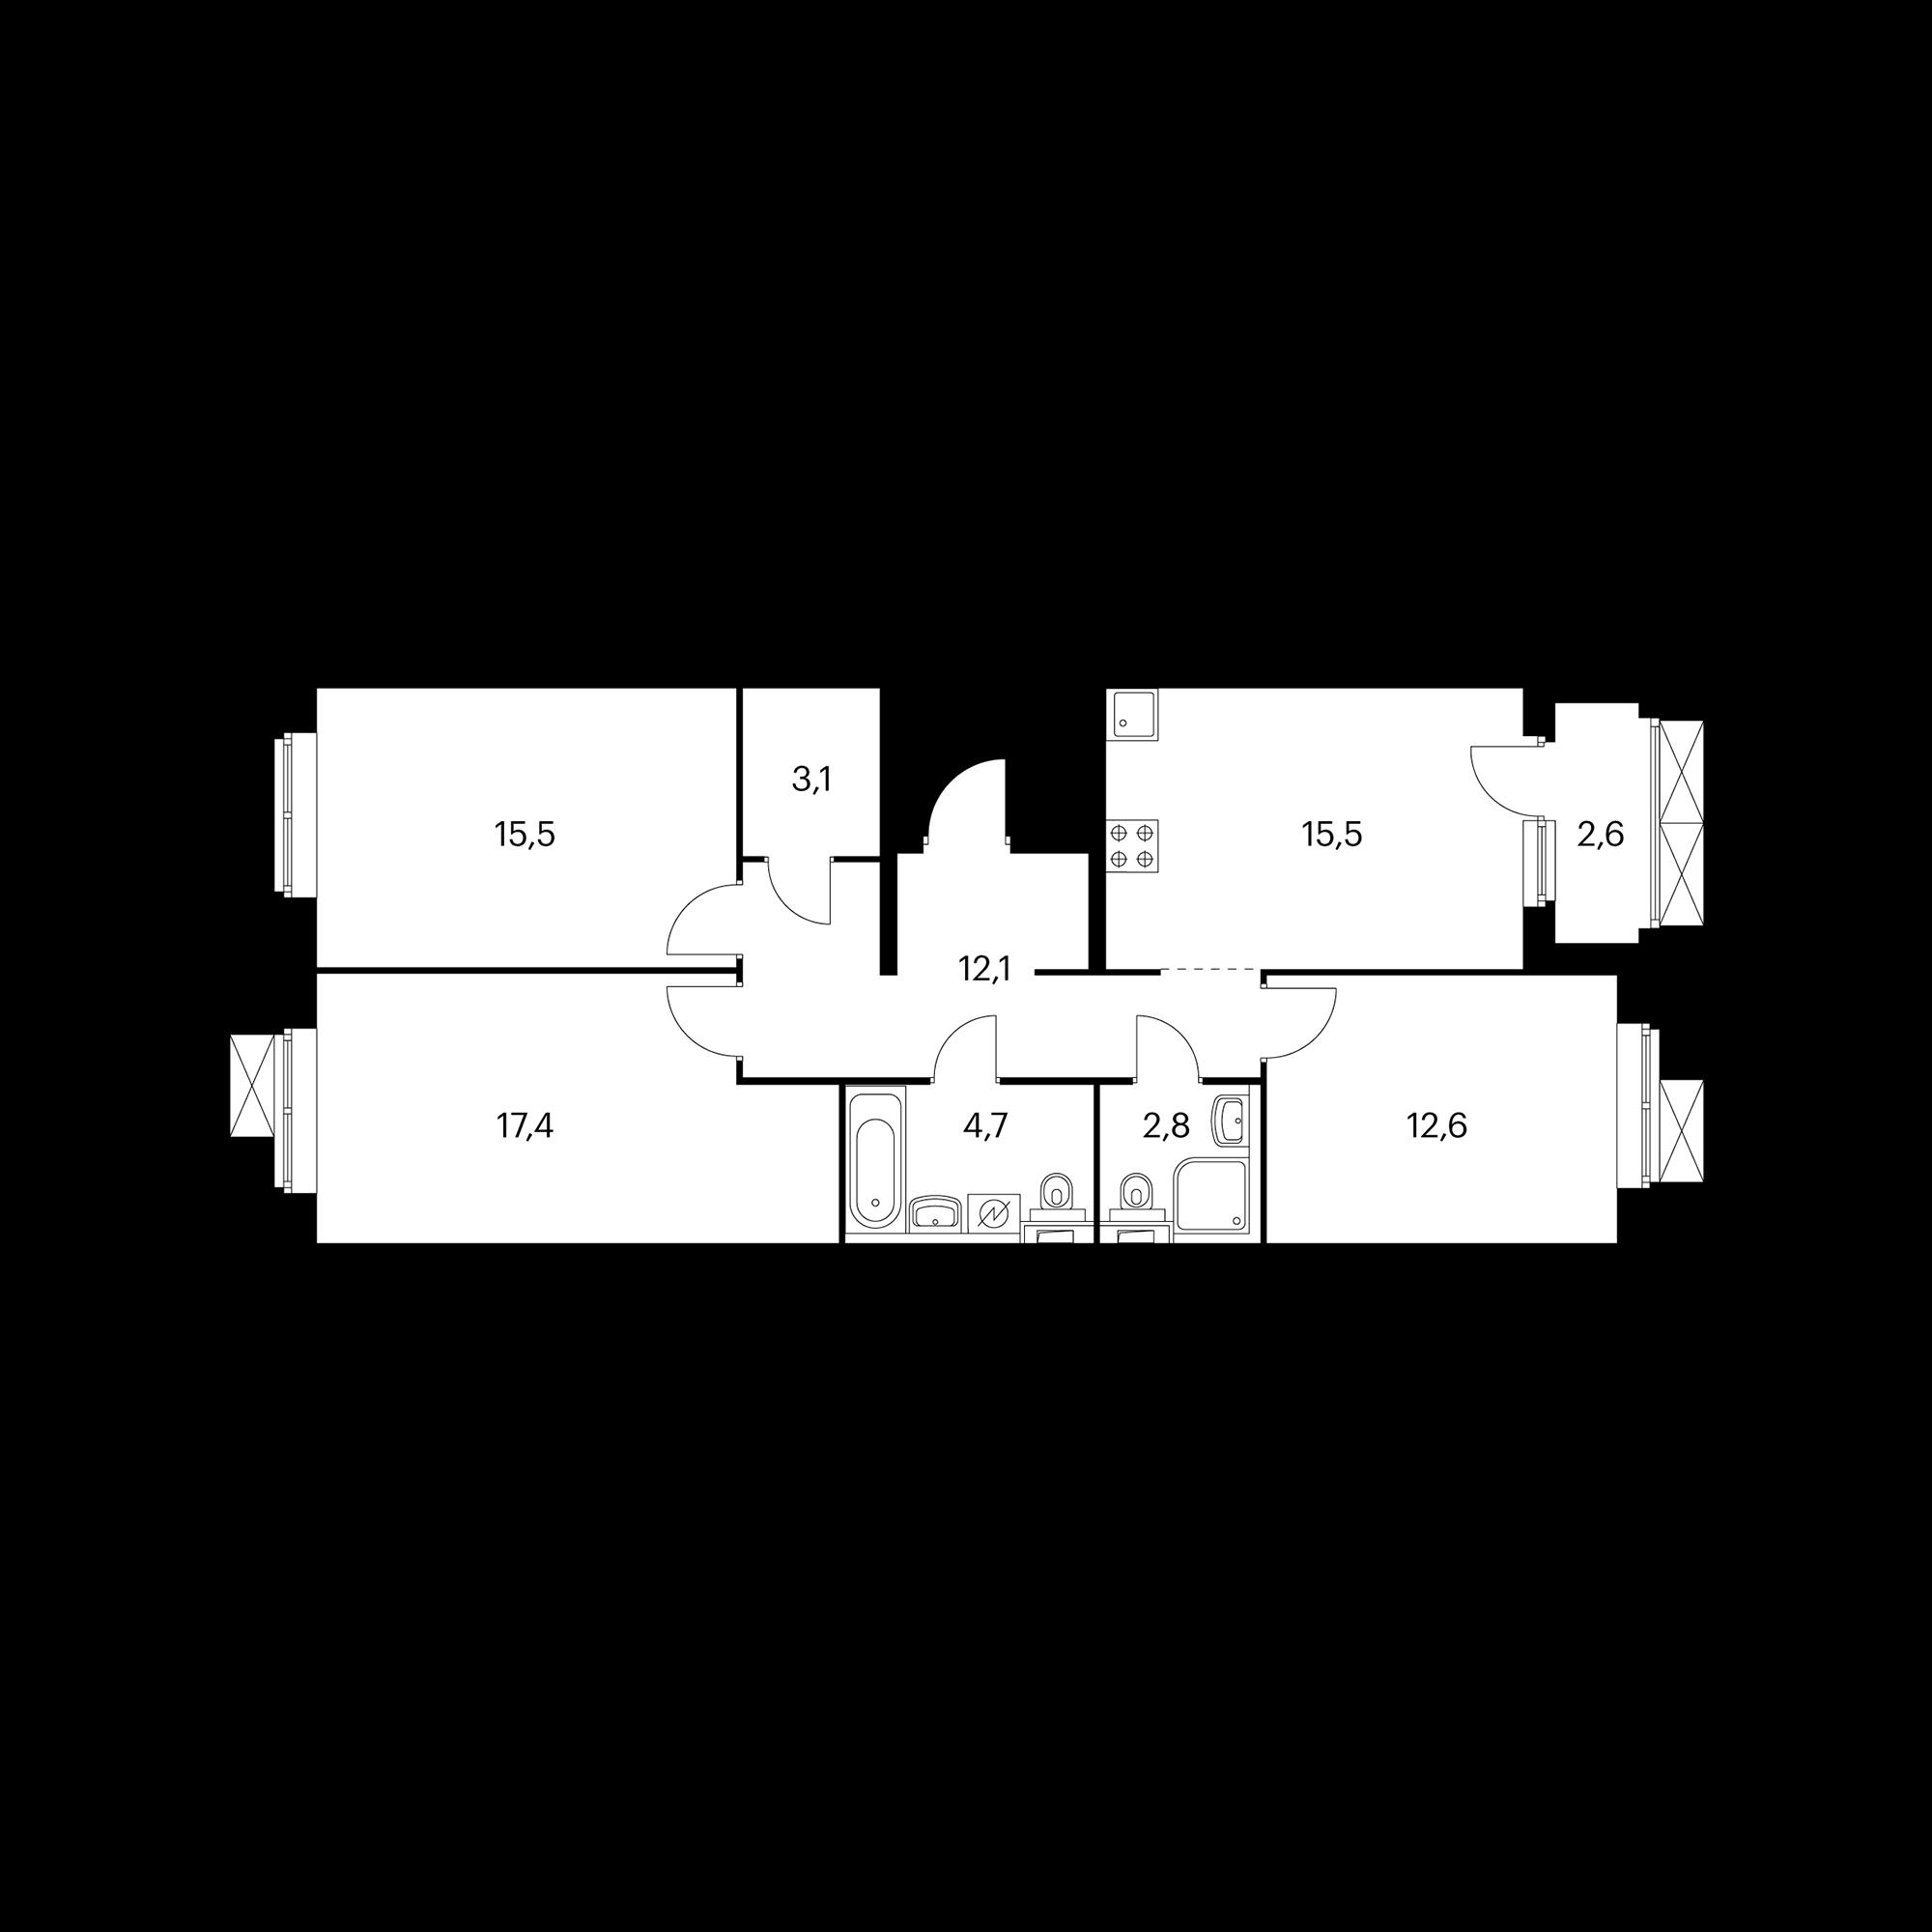 3EL5_6.6-1L